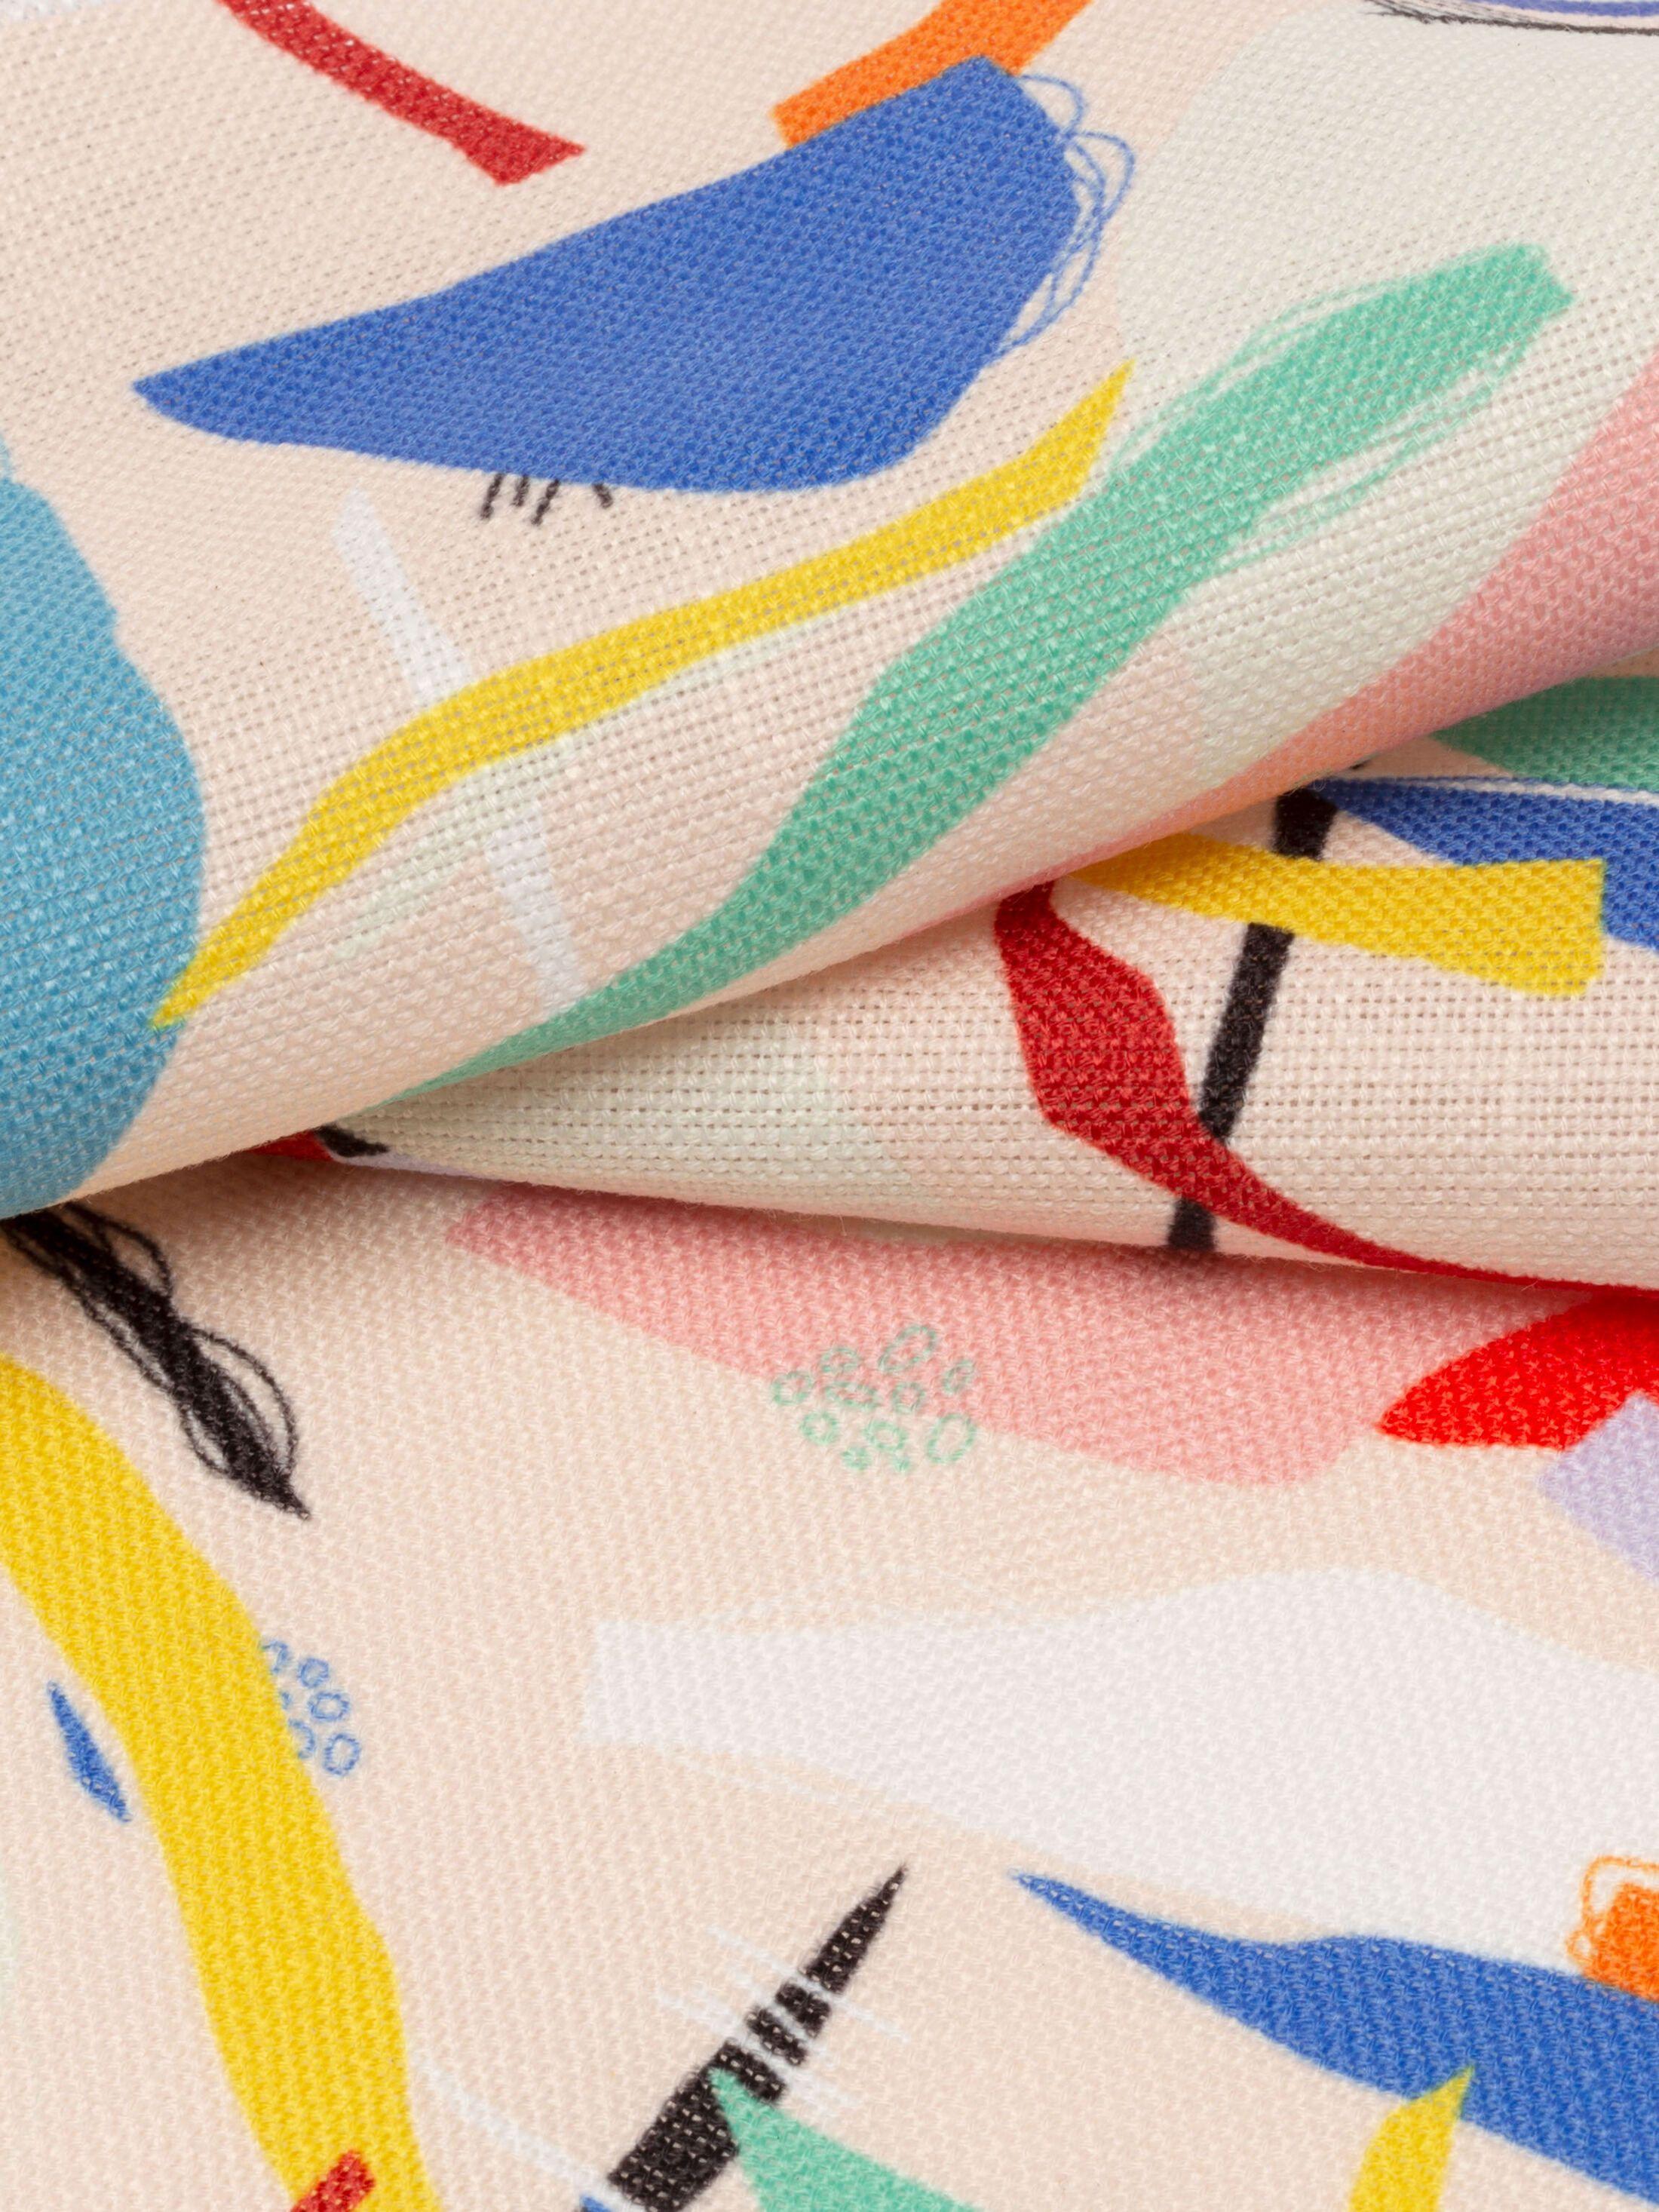 Designa tyg med ditt mönster